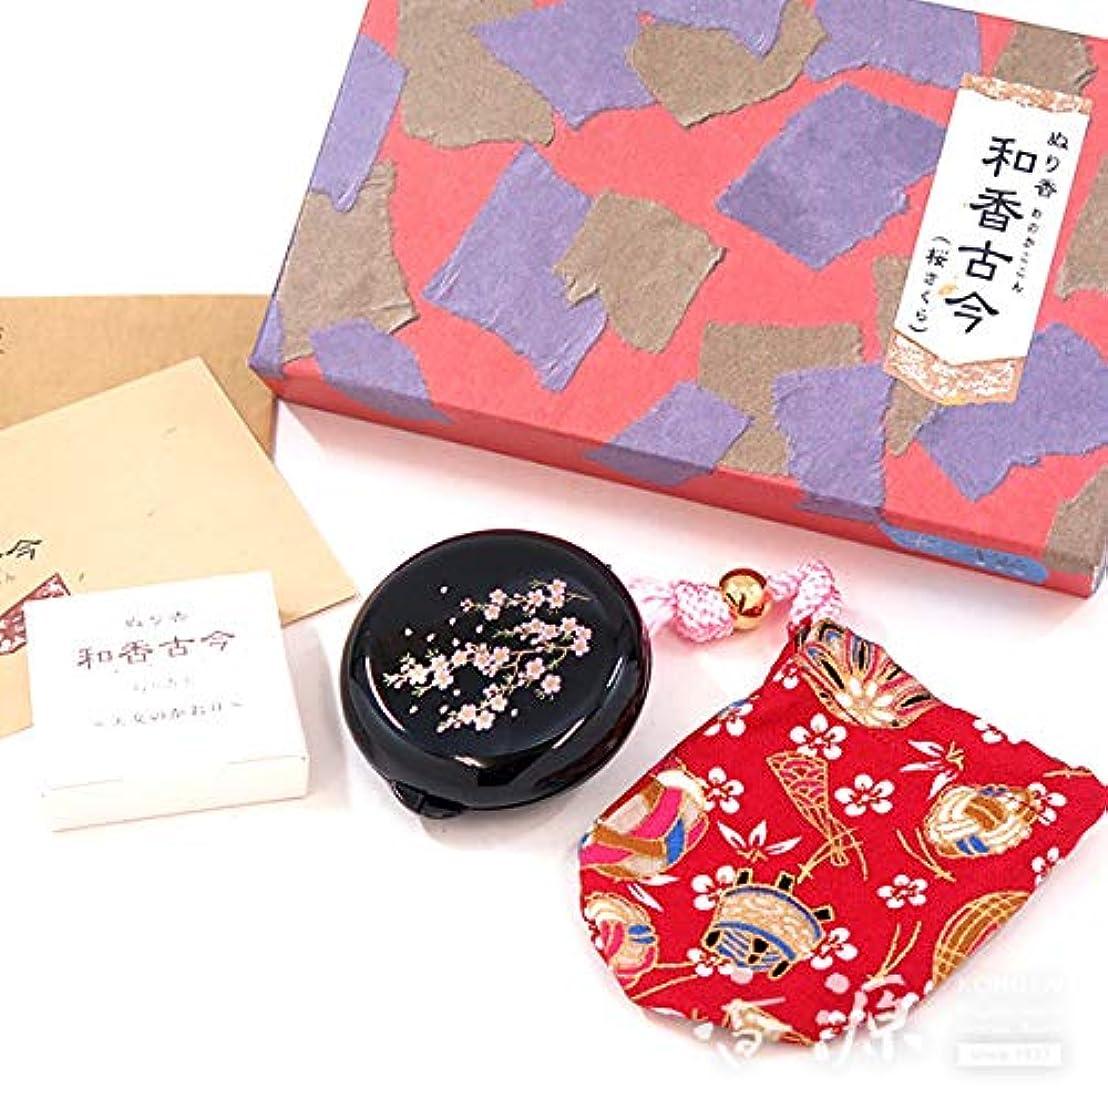 アルミニウムナチュラルうぬぼれた長川仁三郎商店のお香 和香古今(わのかここん)天女の香り 桜(黒のコンパクト)?赤の巾着のセット